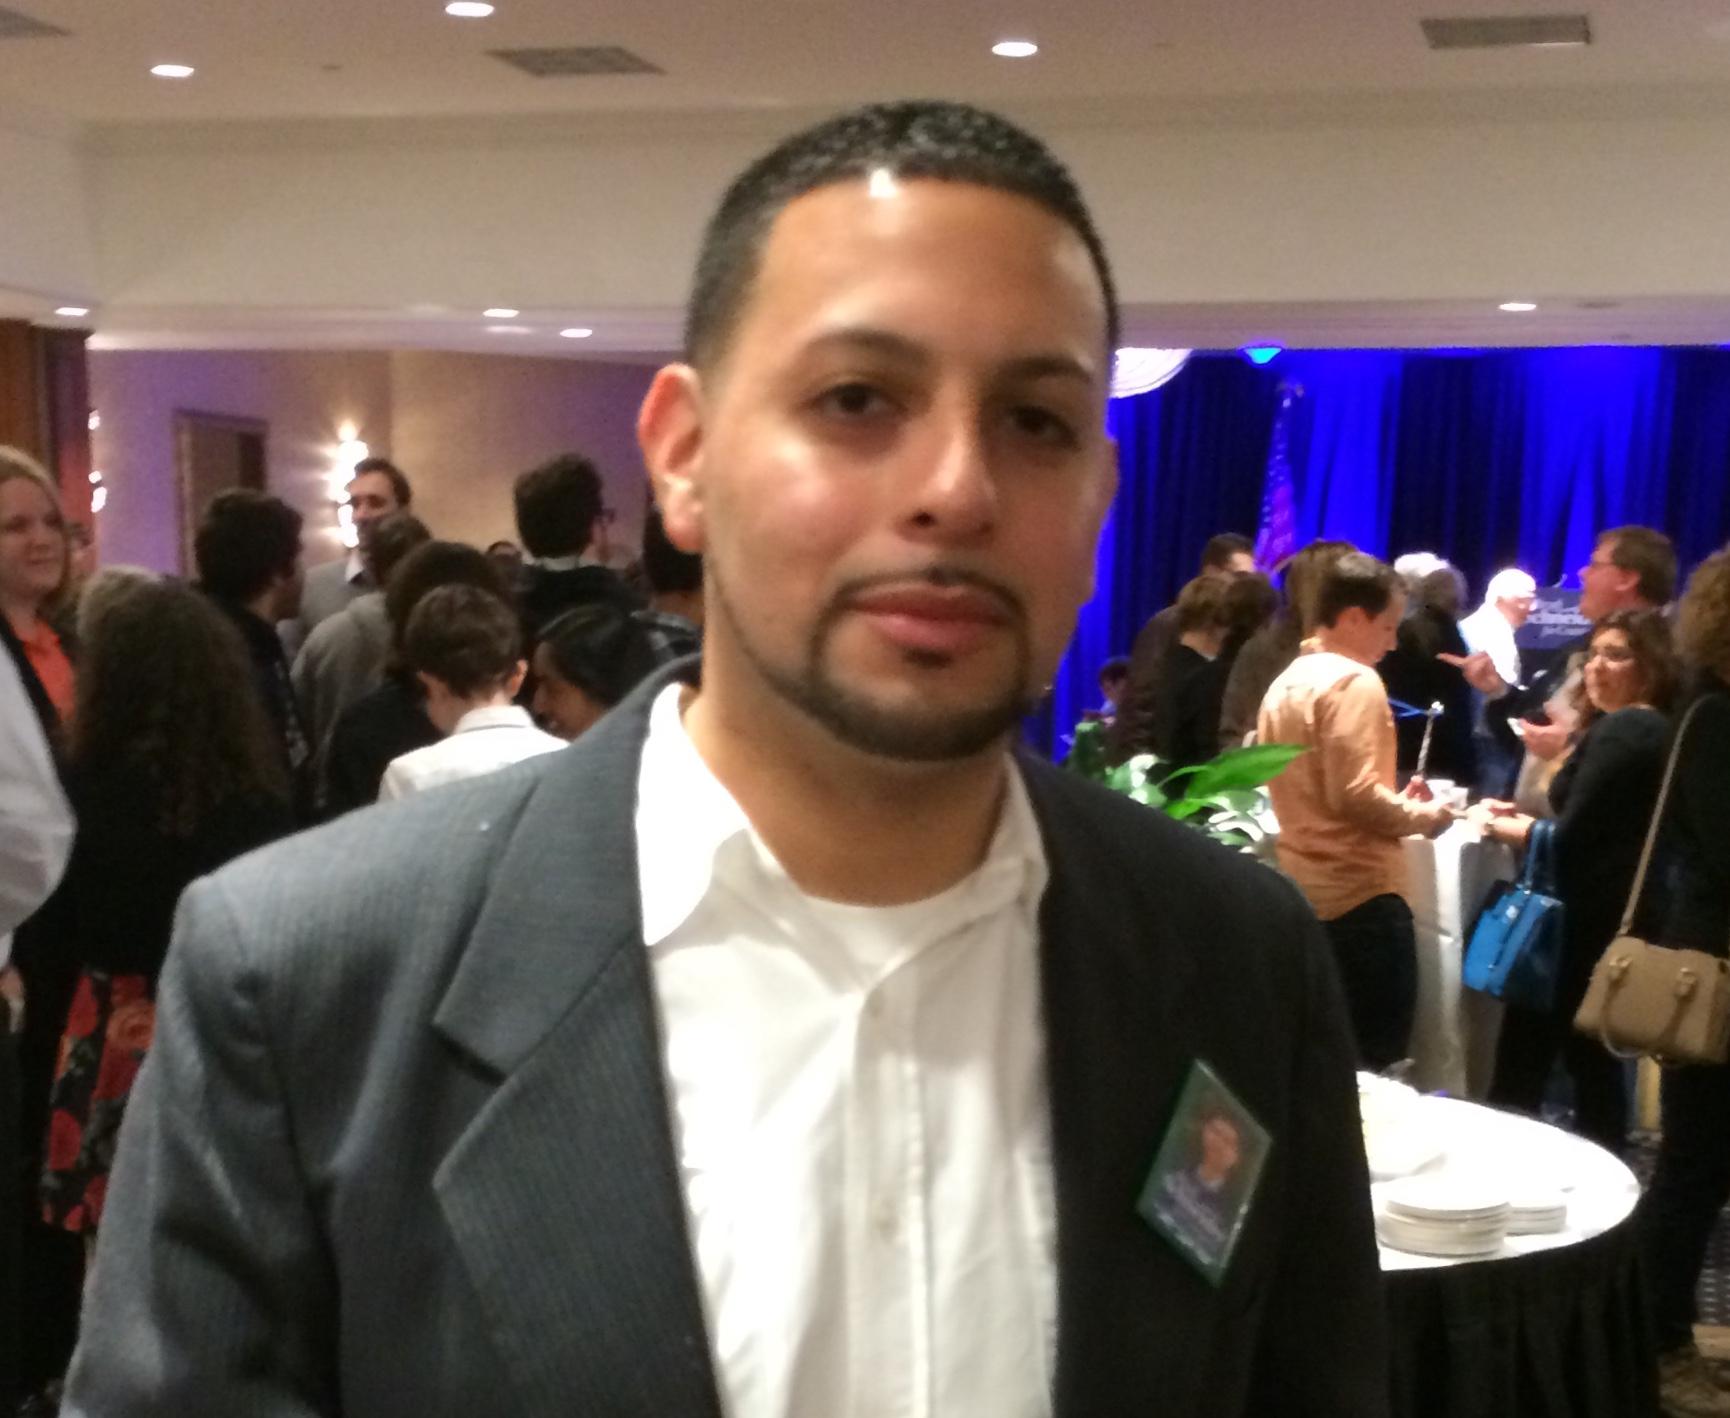 """Jerome Giacomara felt """"jittery"""" as he waited for polling results. Ramsen Shamon/MEDILL"""